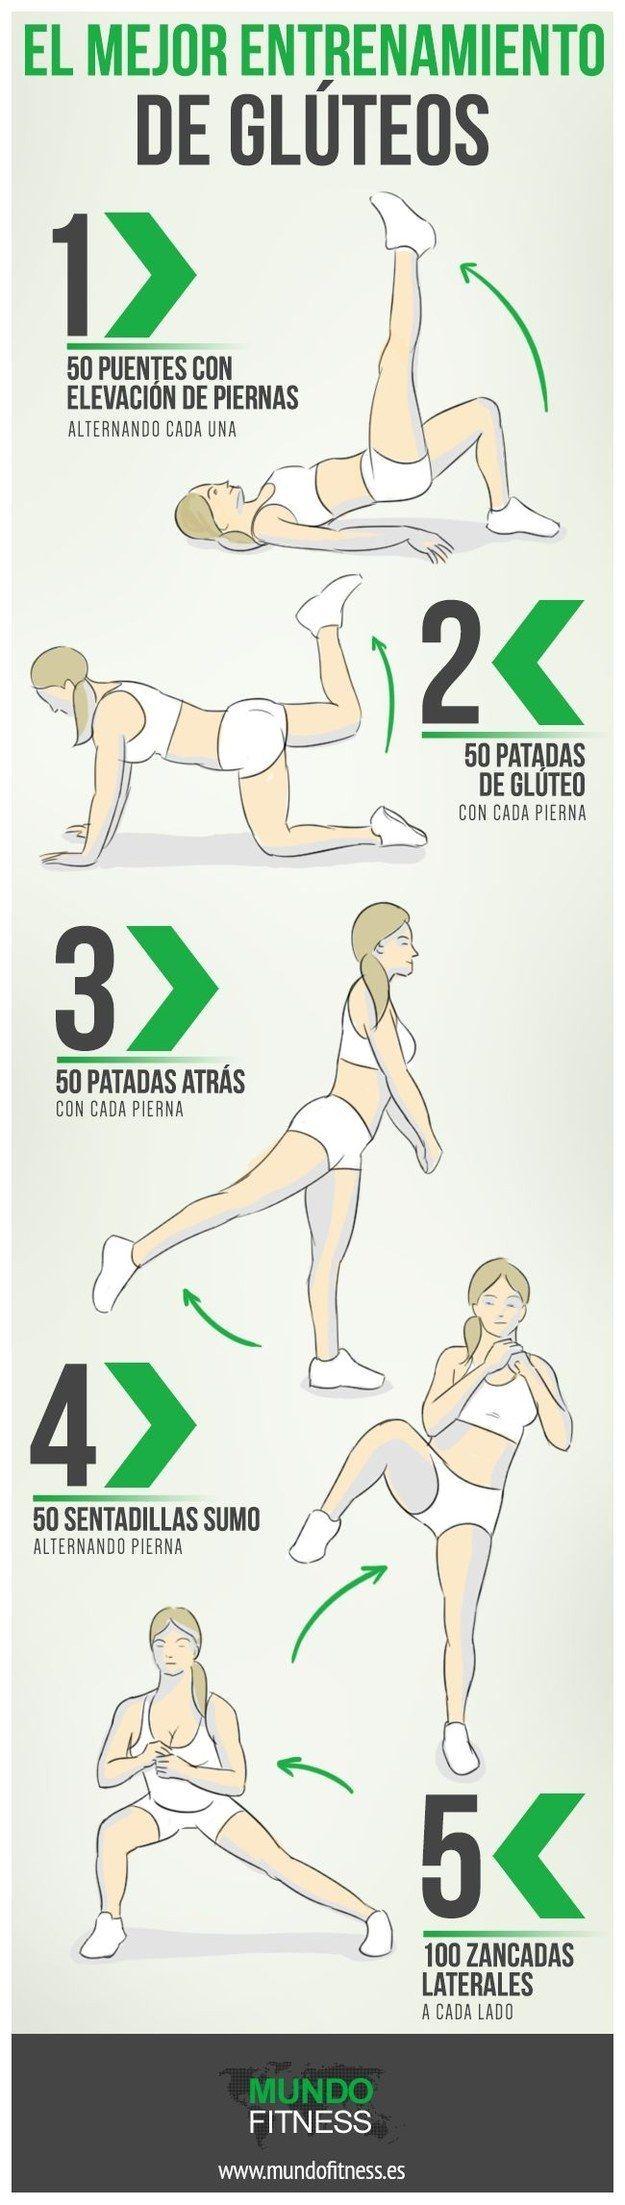 ejercicios para tener gluteos mas grandes y redondos